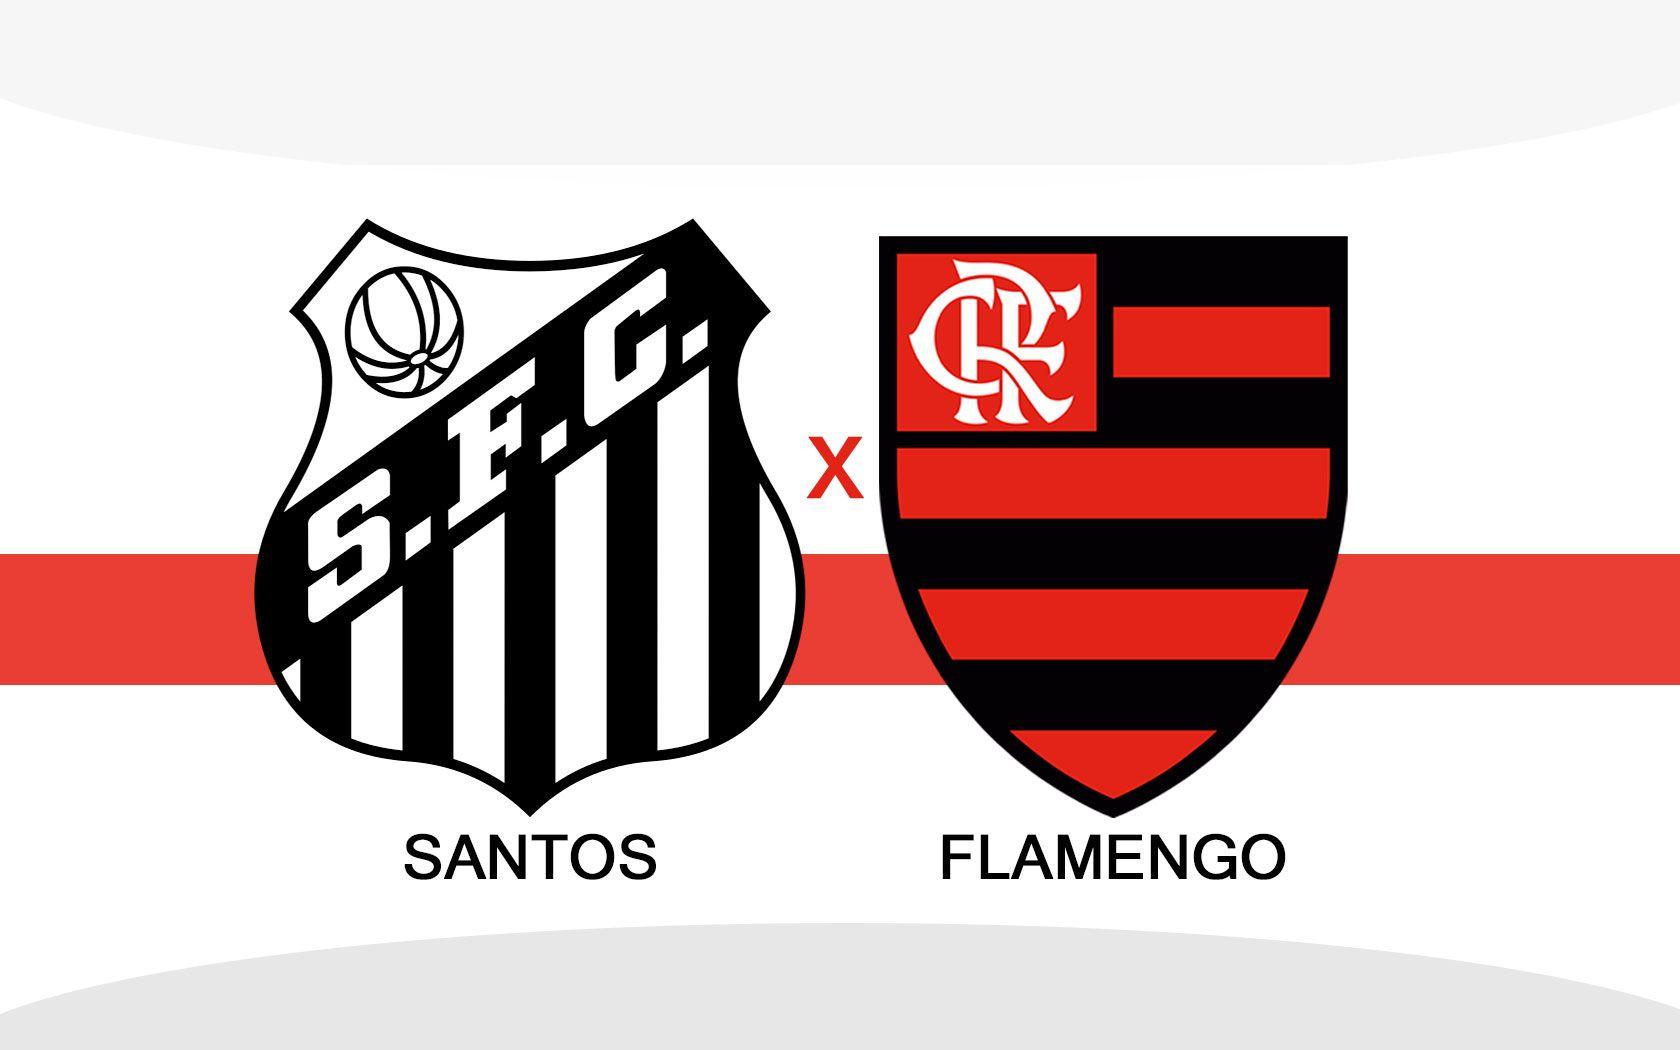 Jogo Do Flamengo Hoje Santos Enfrenta Fla Pelo Brasileirao 2020 Confira Cenariomt